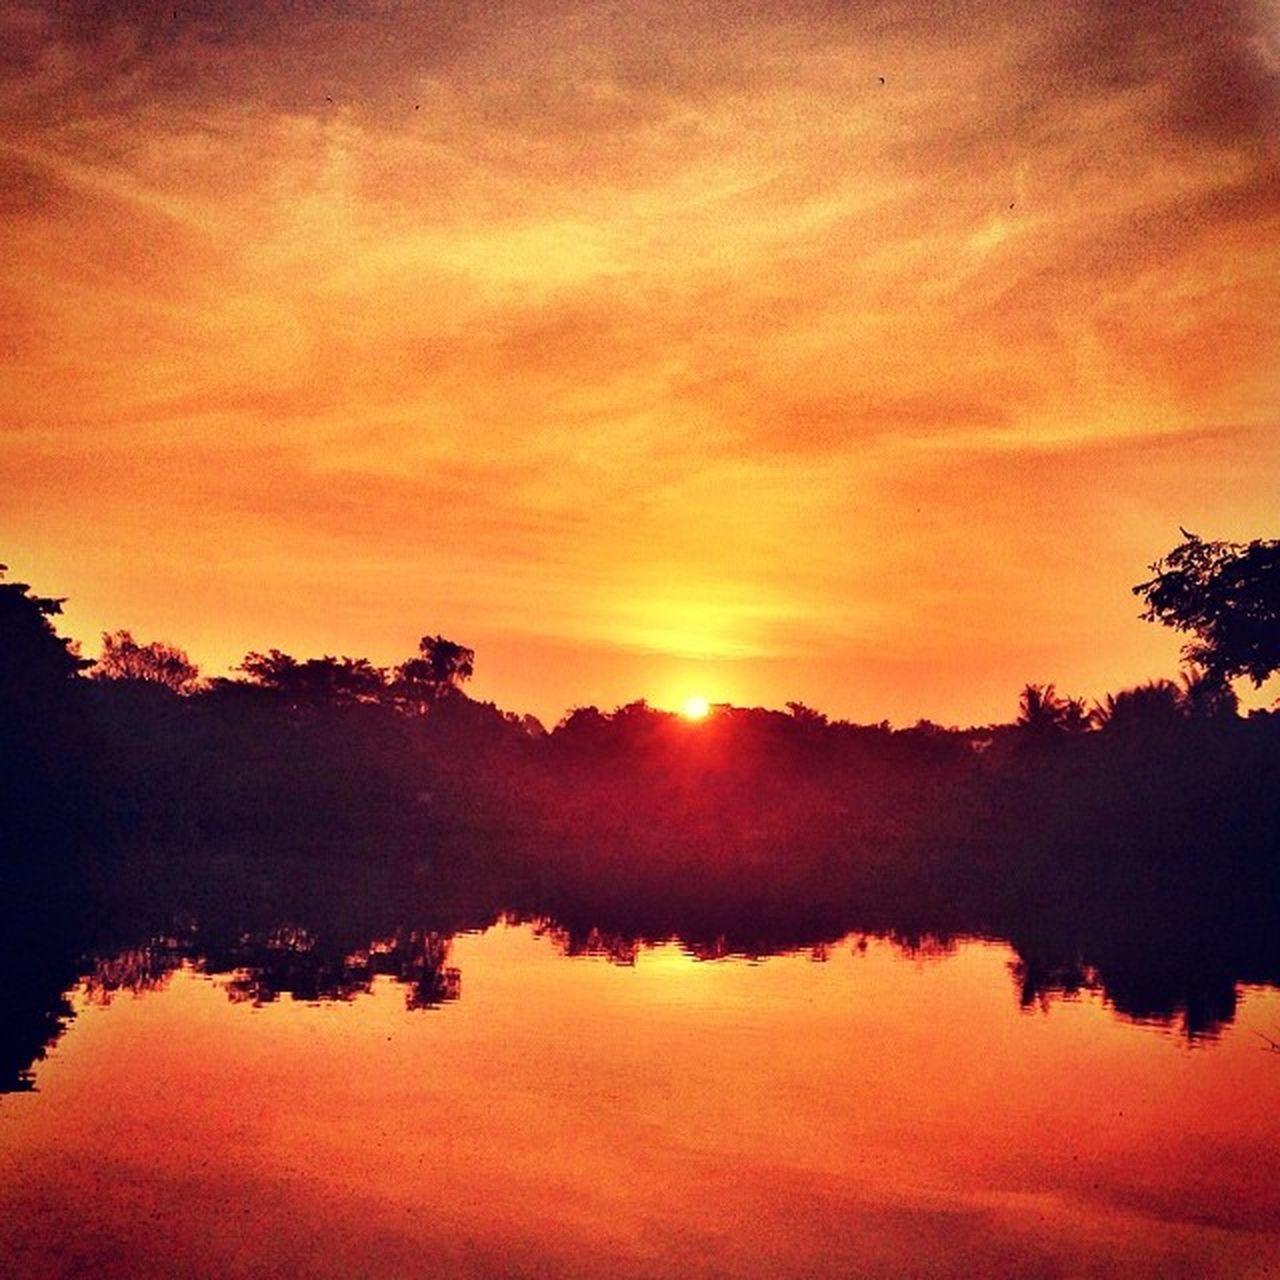 สวัสดีตอนเช้า Morning Sunset Thailand บางน้ำผึ้ง บางกระเจ้า